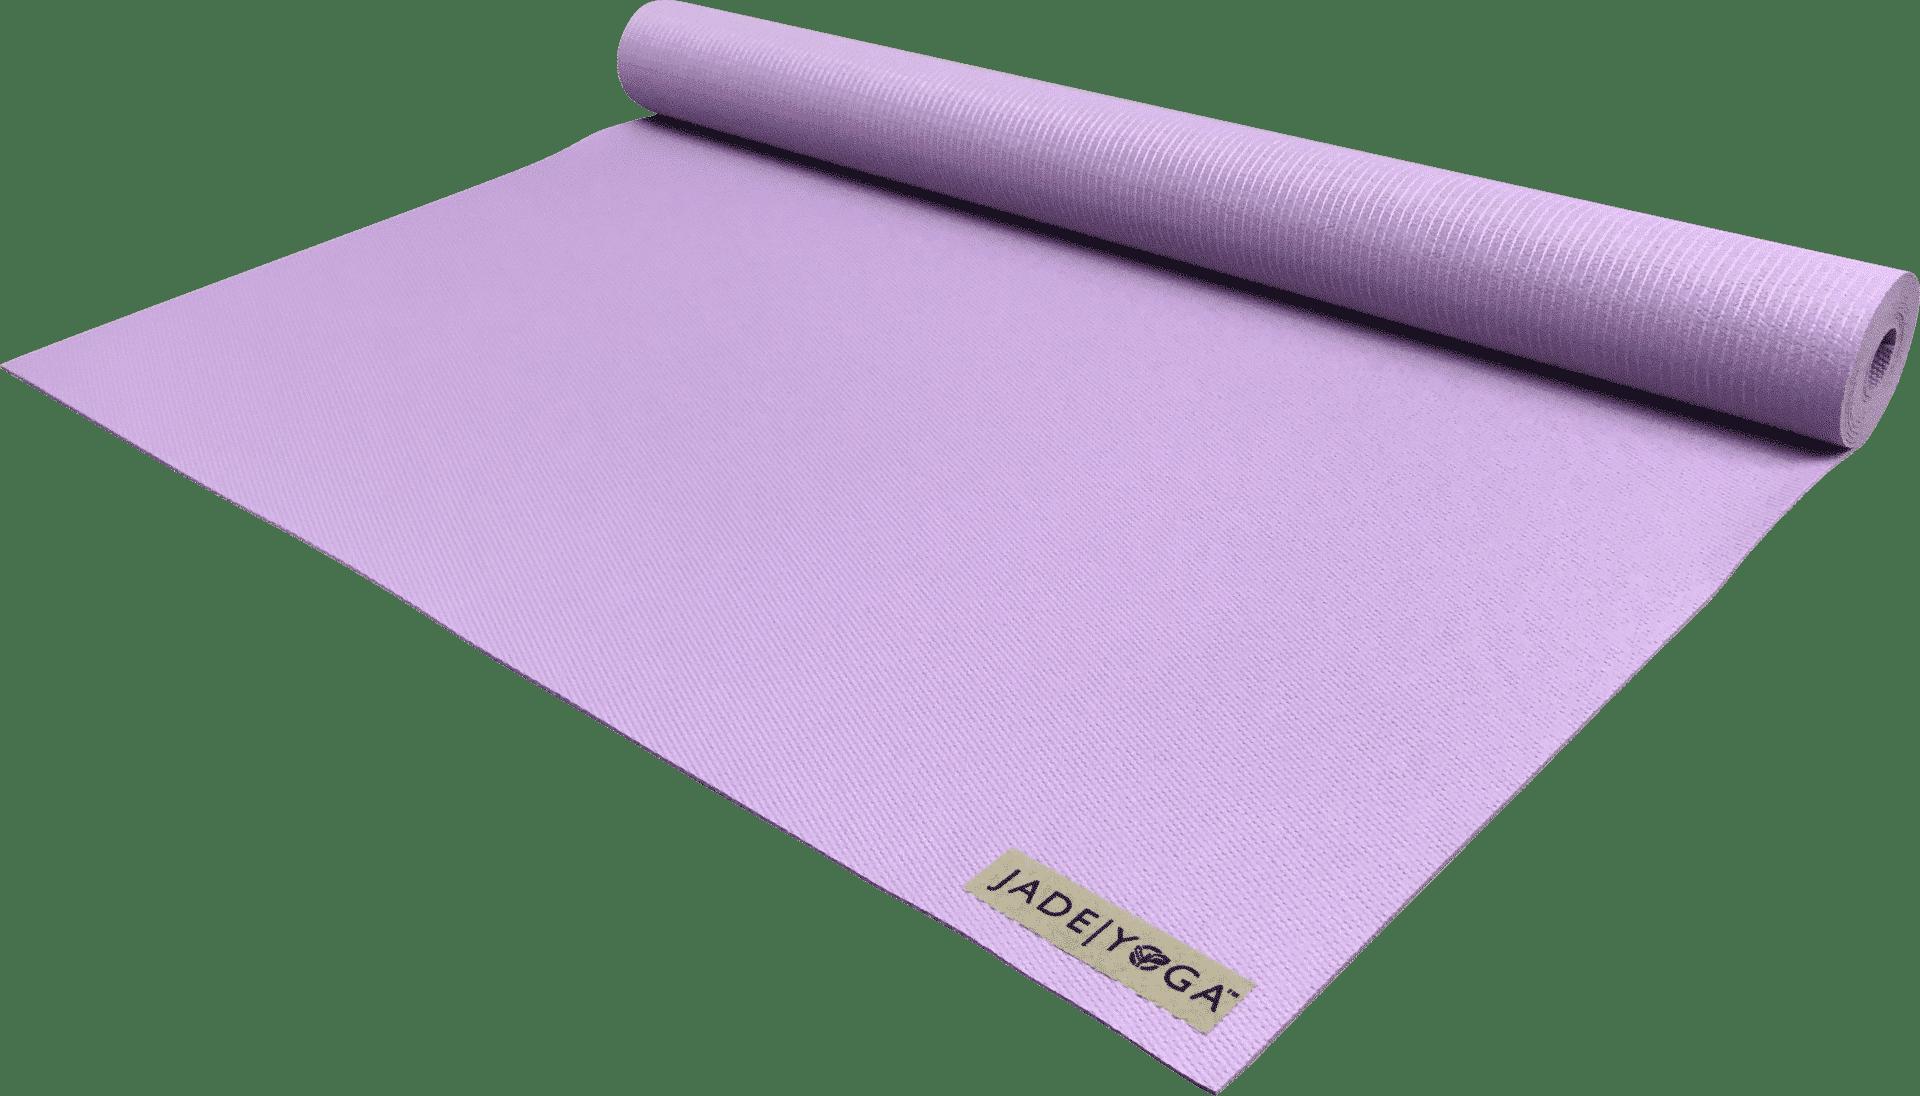 Voyager Lavender rolled